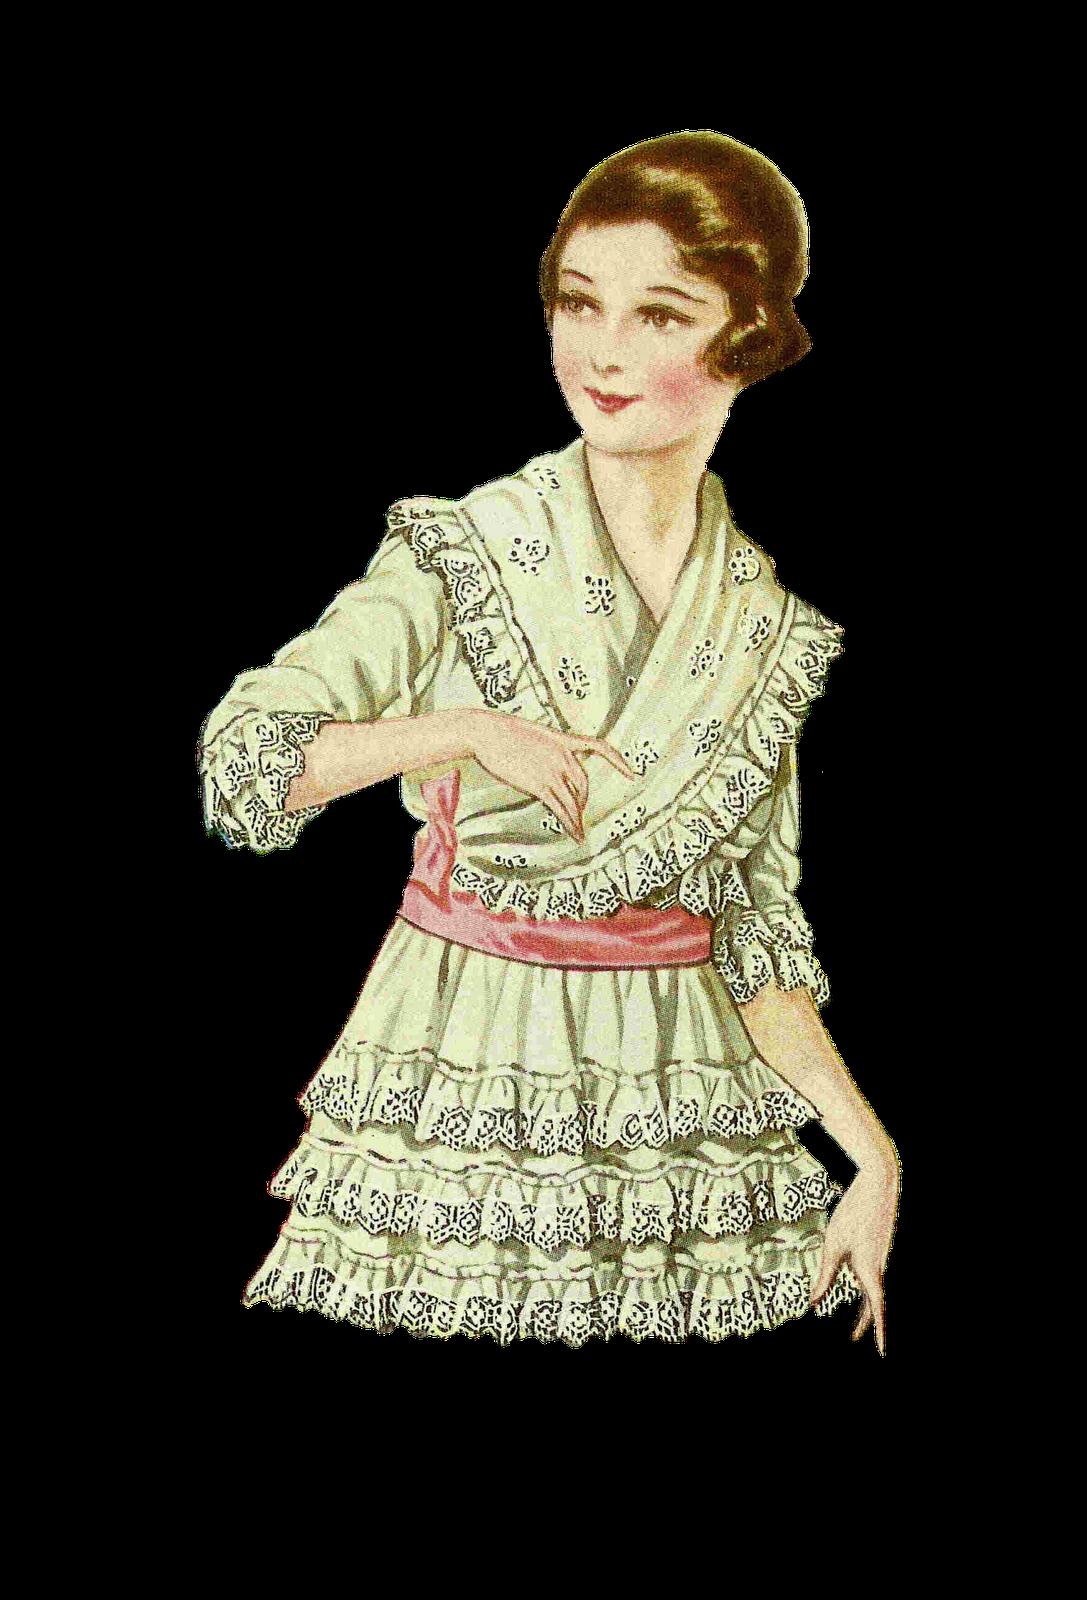 vintage dresses clipart - photo #45